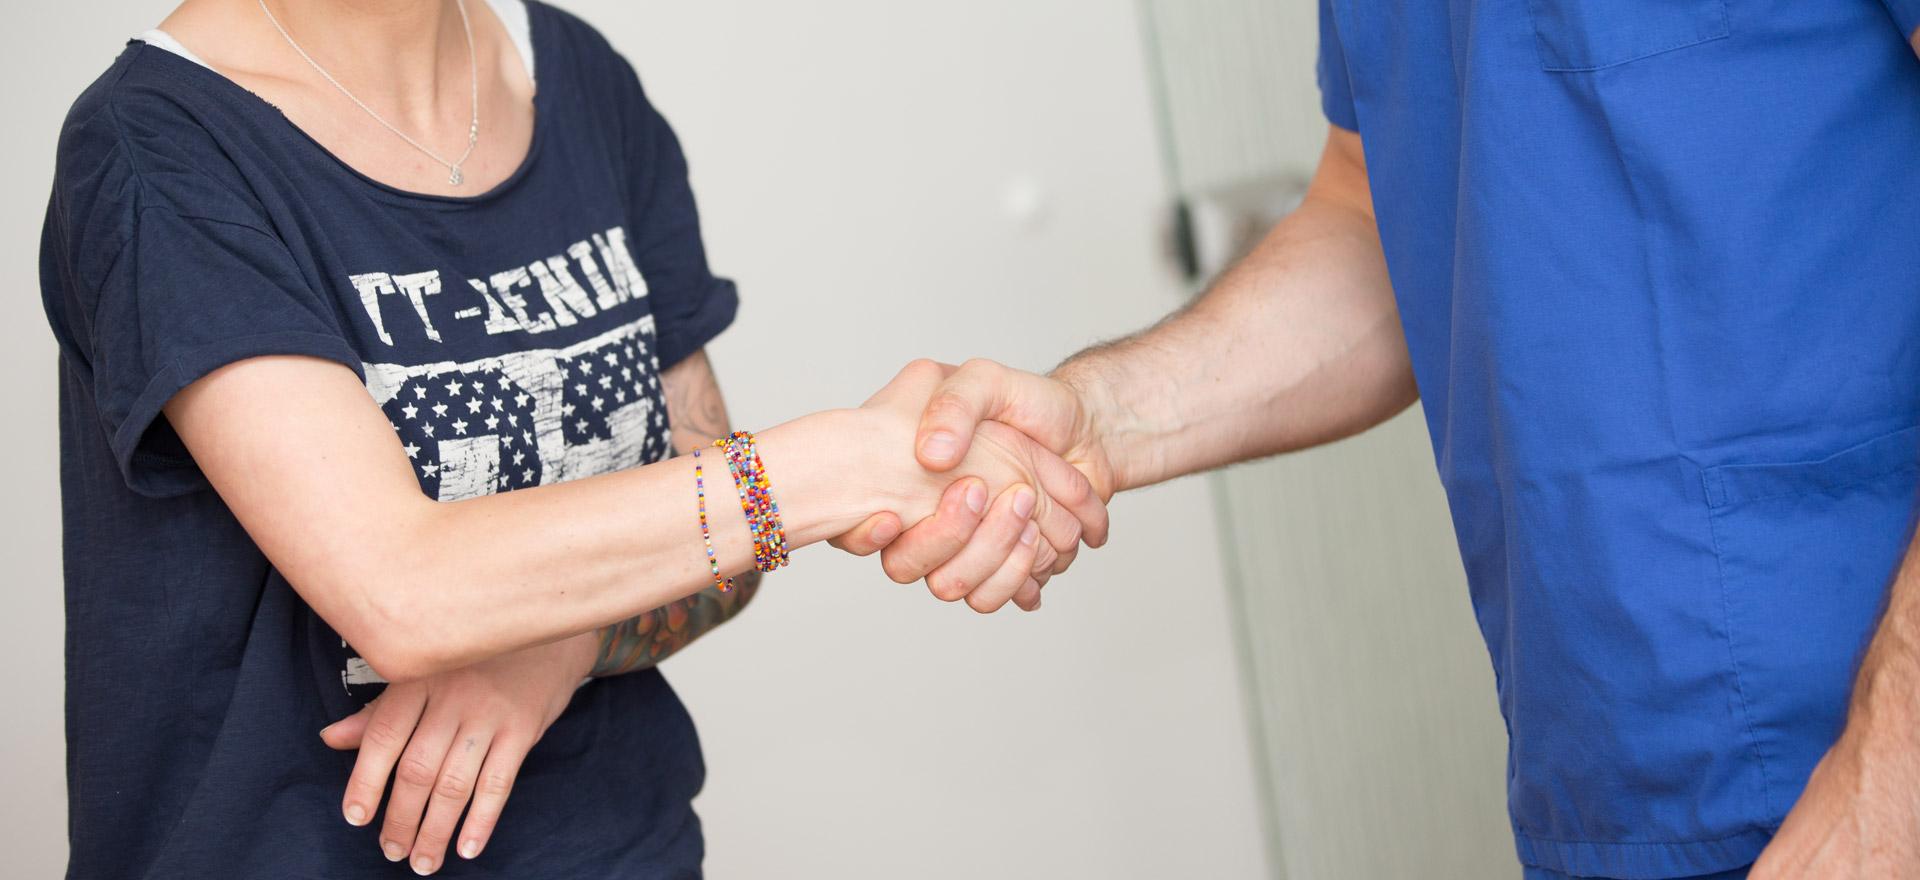 Zahnarzt und Patient schütteln sich die Hände für gute Partnerschaft.